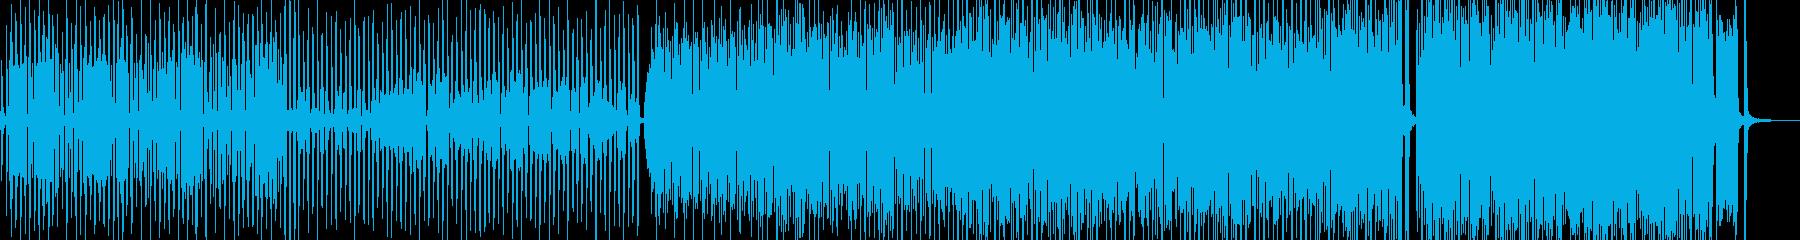 滑稽な三味線・おマヌケポップ A2の再生済みの波形